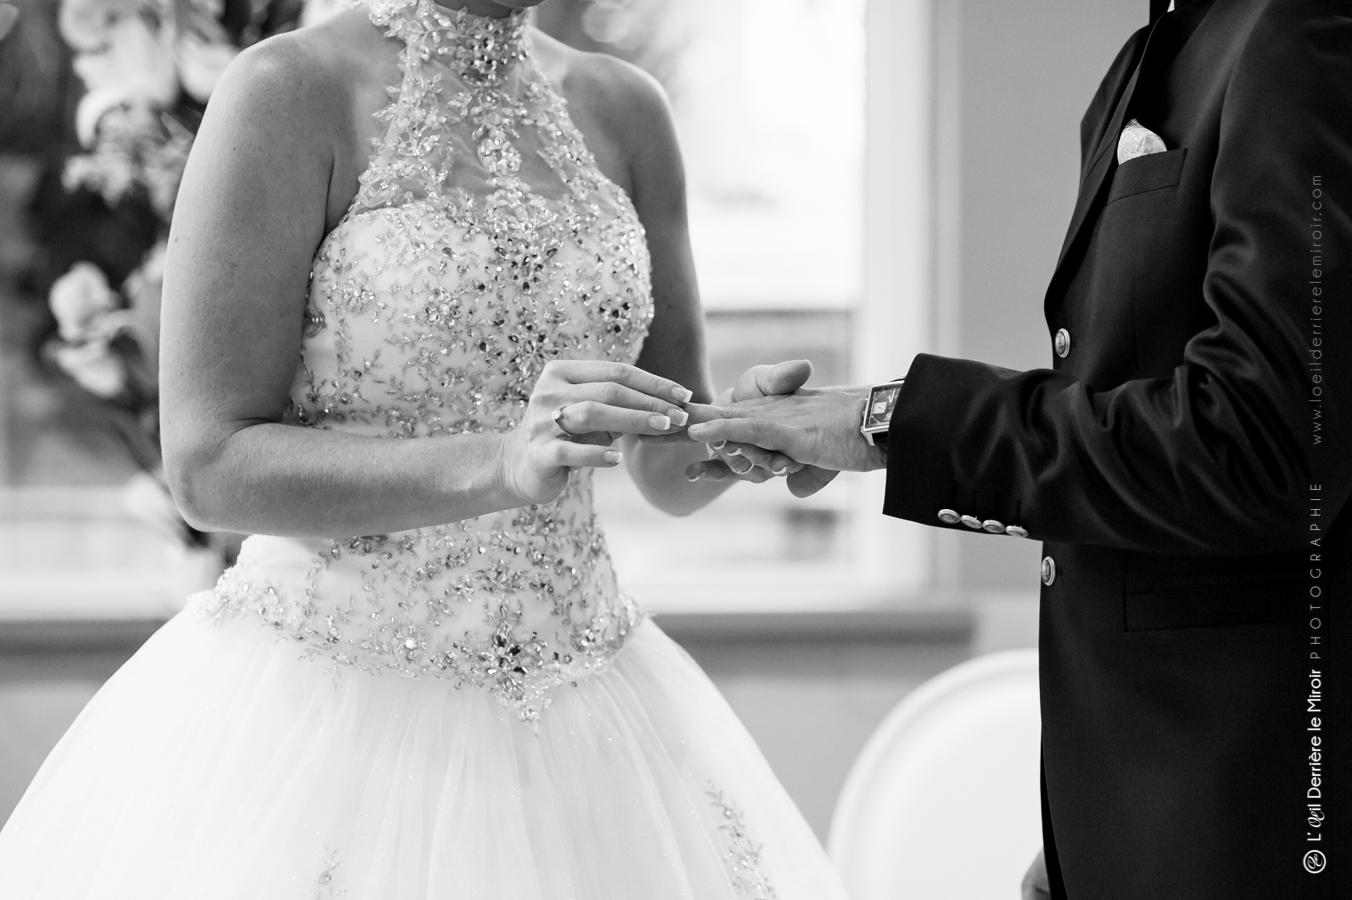 Photographe-mariage-monaco-loeilderrierelemiroir-057